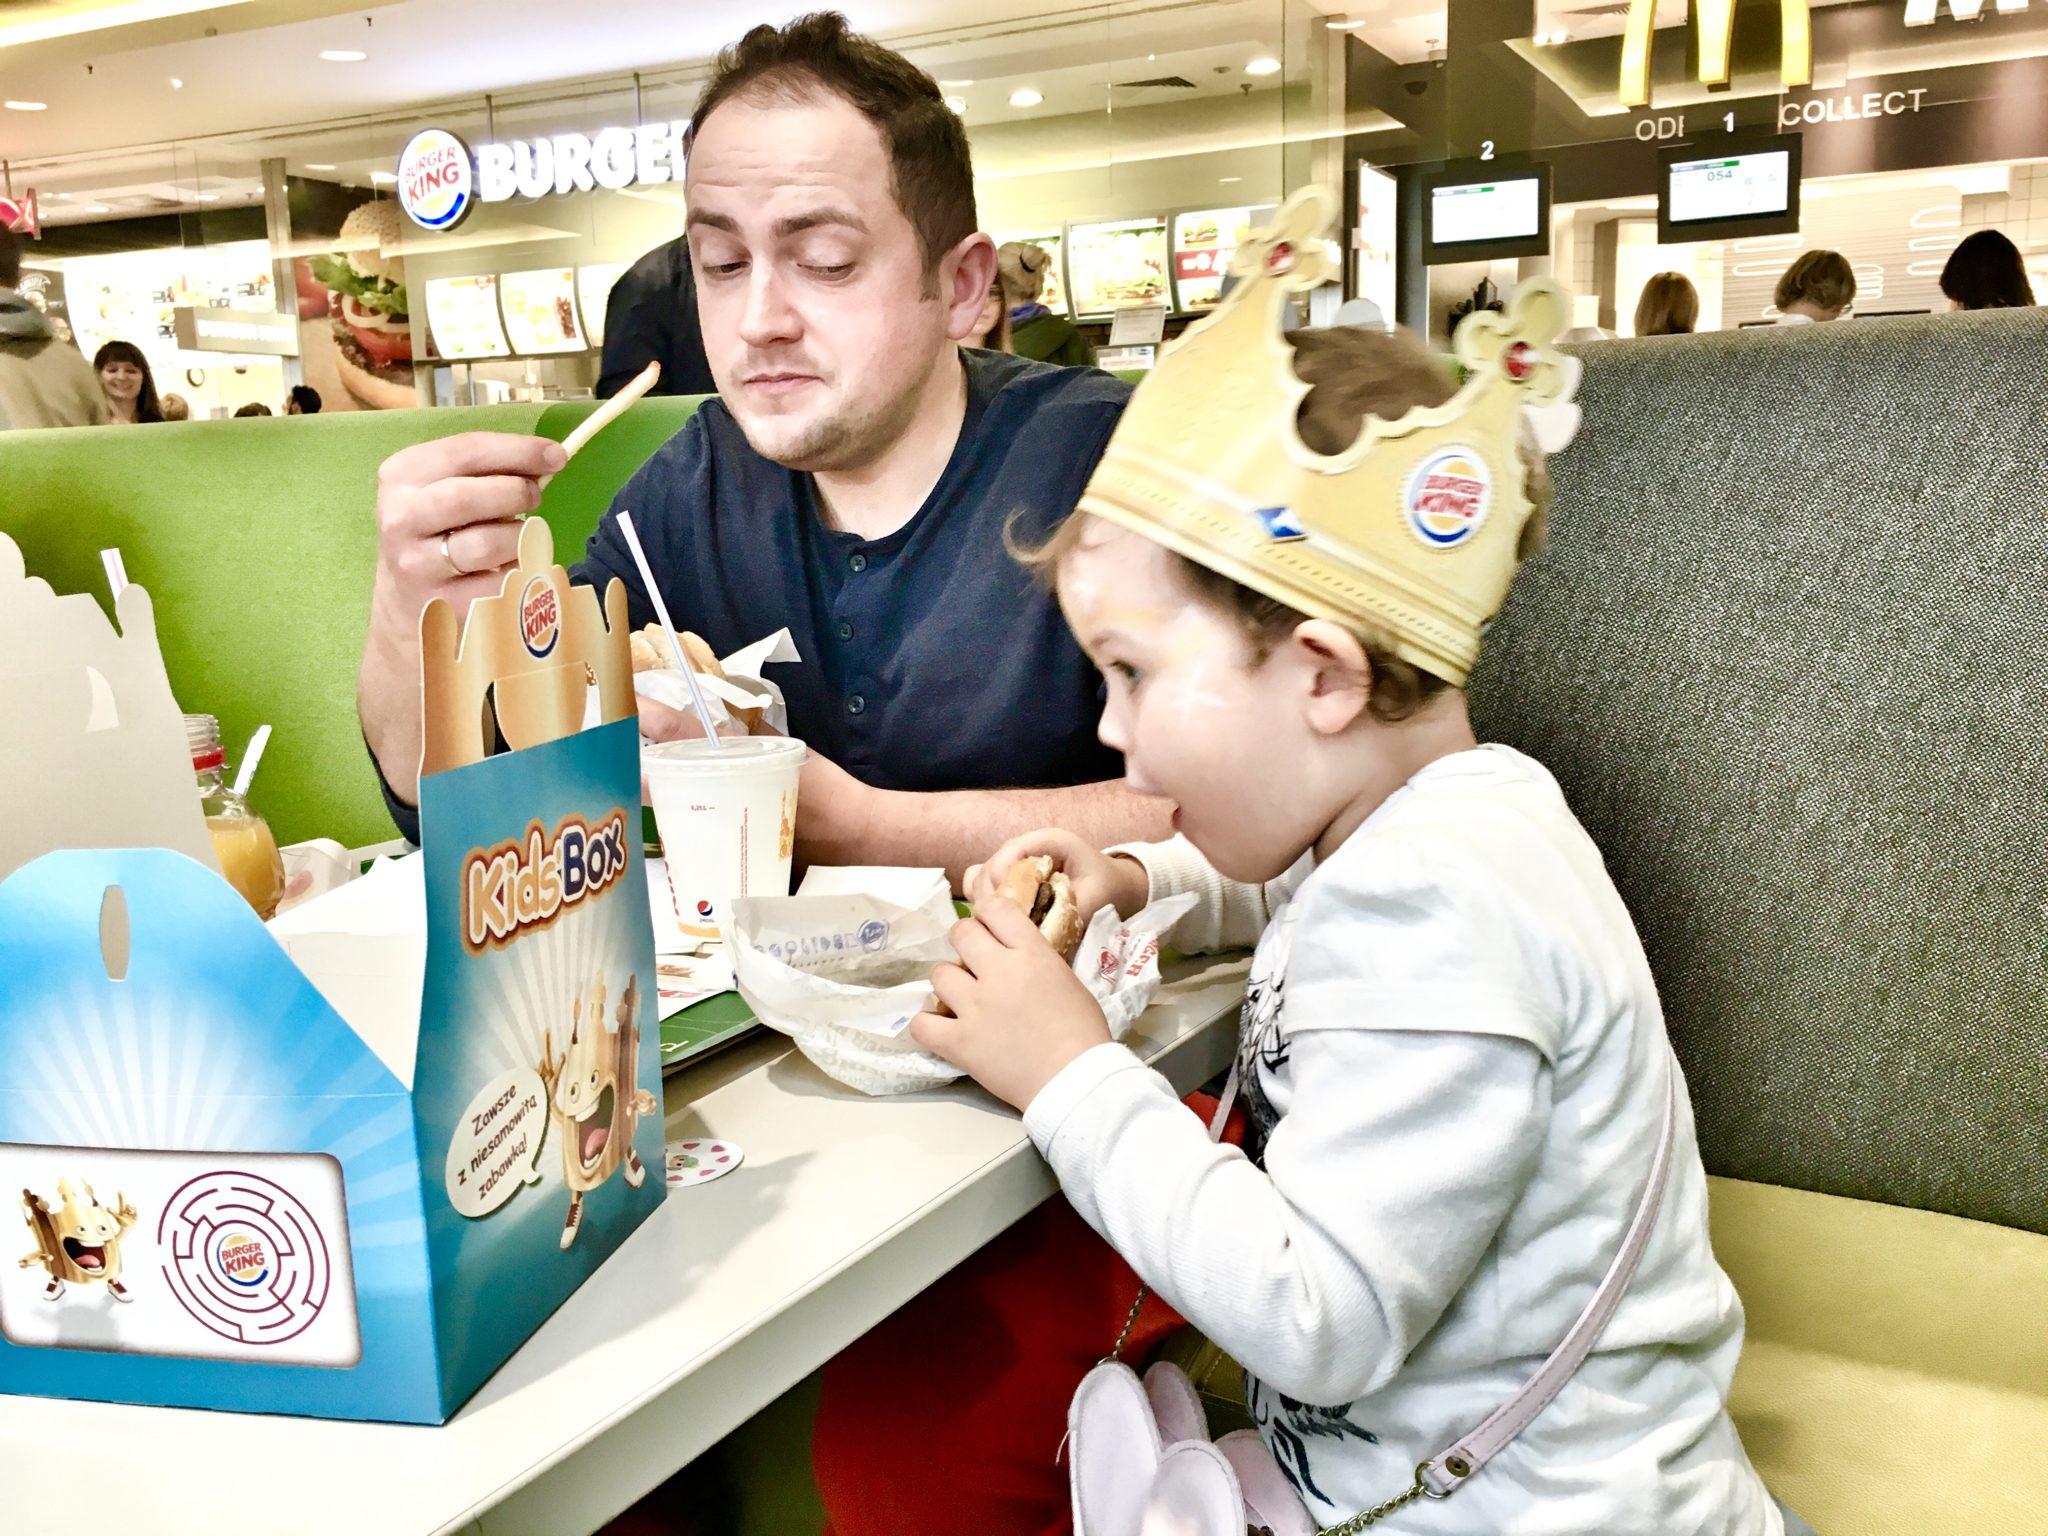 A tu mamy klasyczny przykład dobrego łamania zasad. Sam zainicjowałem Burger Kinga. Młoda spróbowała pierwszego burgera. Nadal nie wchodzi jej to tak szybko jak pierogi, ale ok. Cheat się udał.